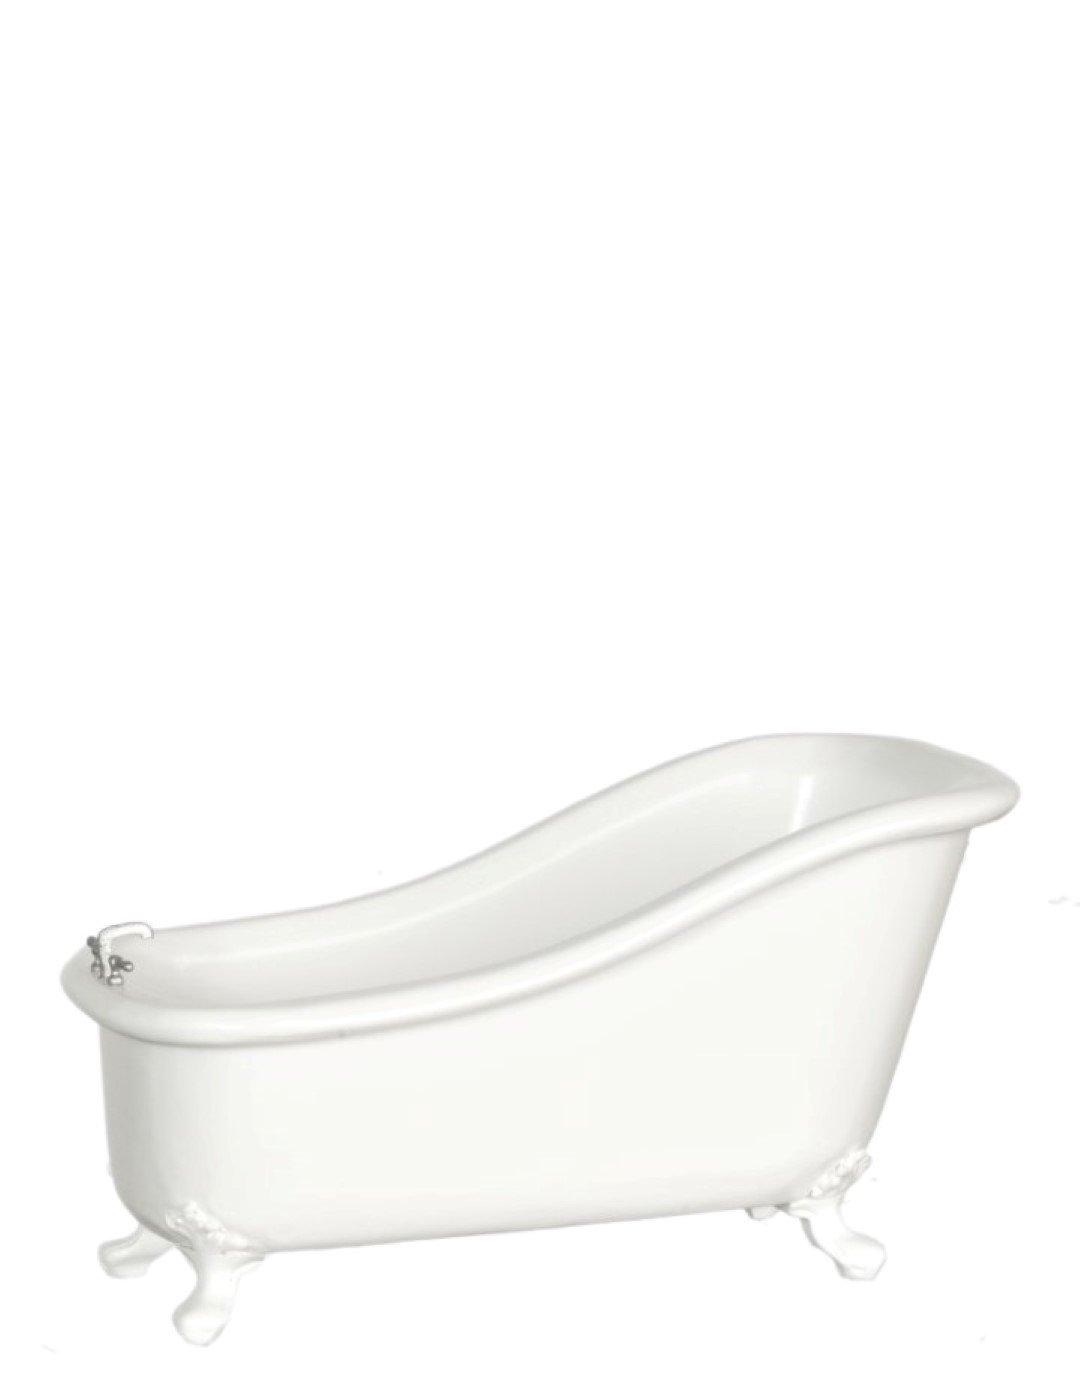 Casa De Muñecas Blanco Avalon bañera tubo The Platino Colección Muebles de baño